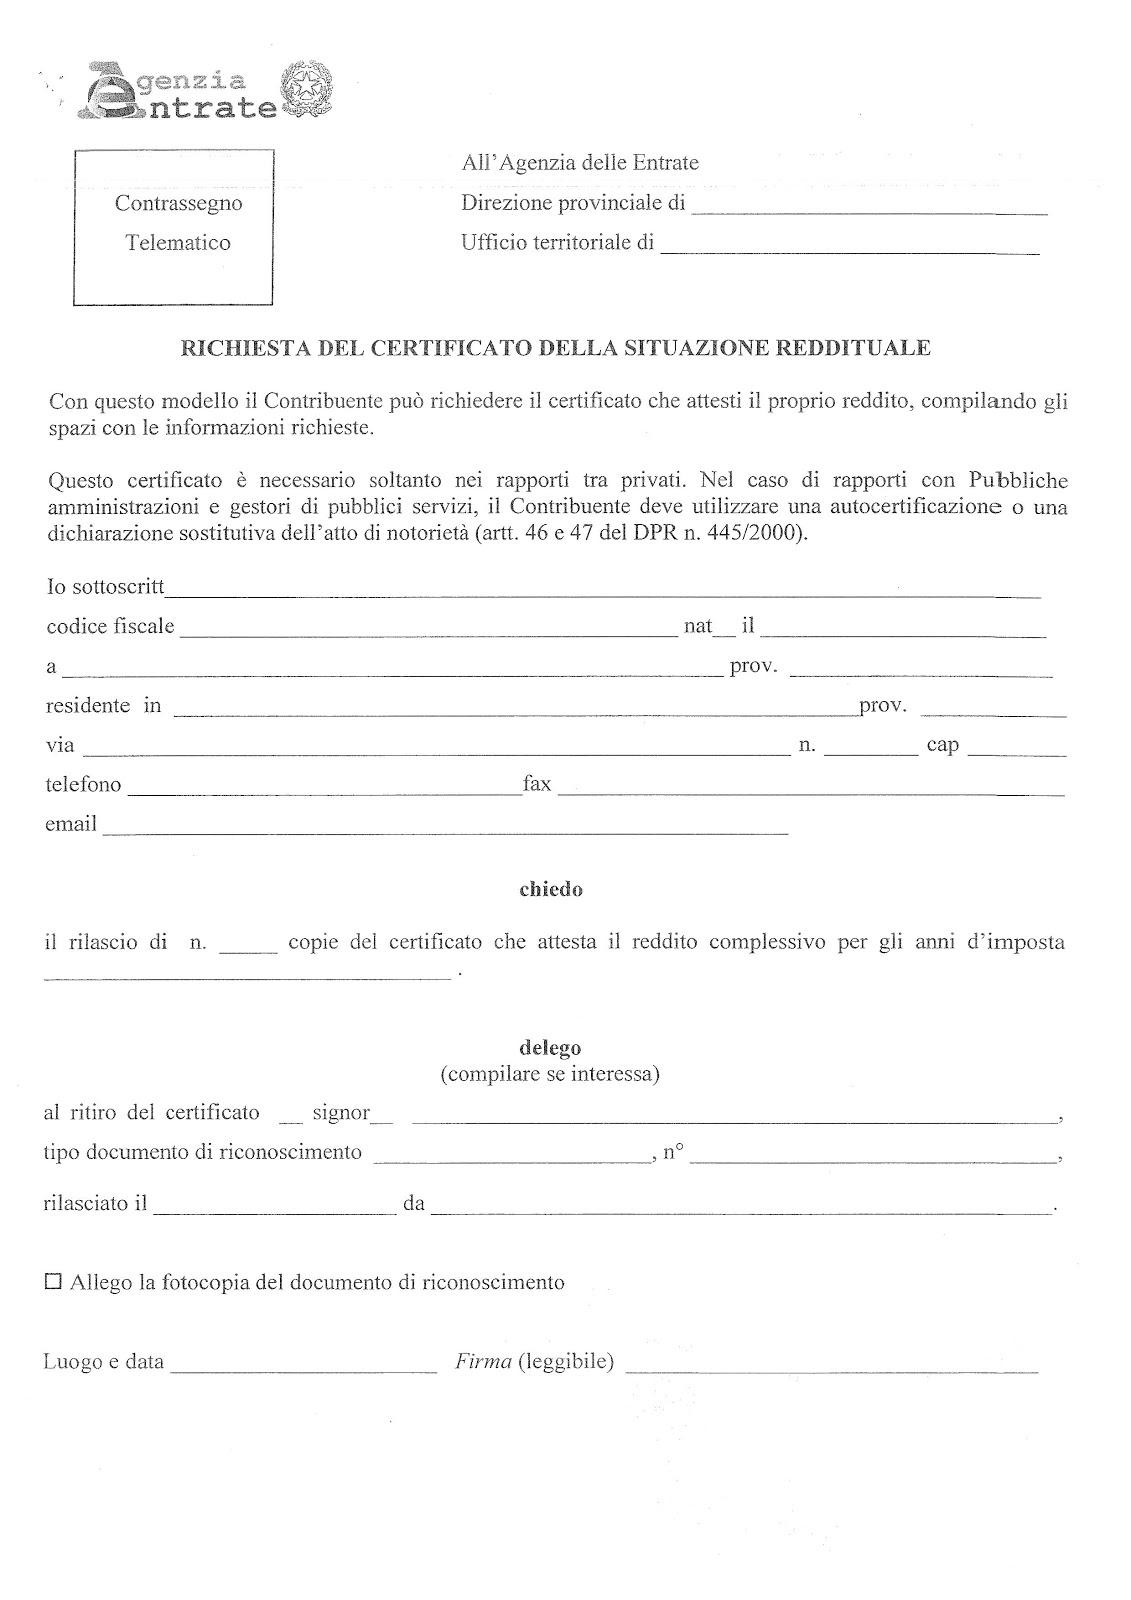 Studio legale buonomo diritto previdenziale ed for Fac simile autocertificazione per detrazione materasso